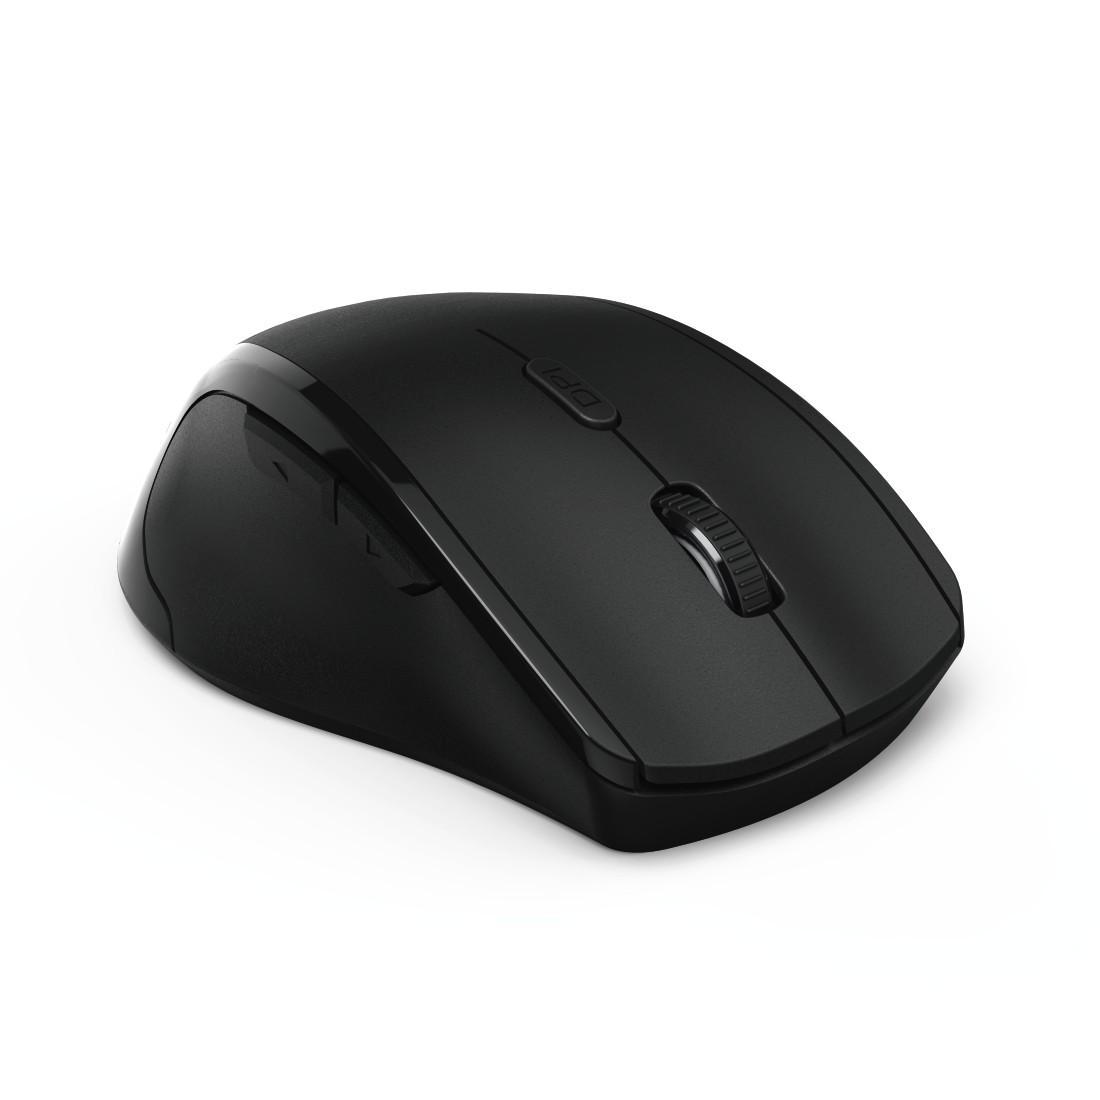 Безжична оптична мишка HAMA Riano 182645, Лява ръка, USB, Черен